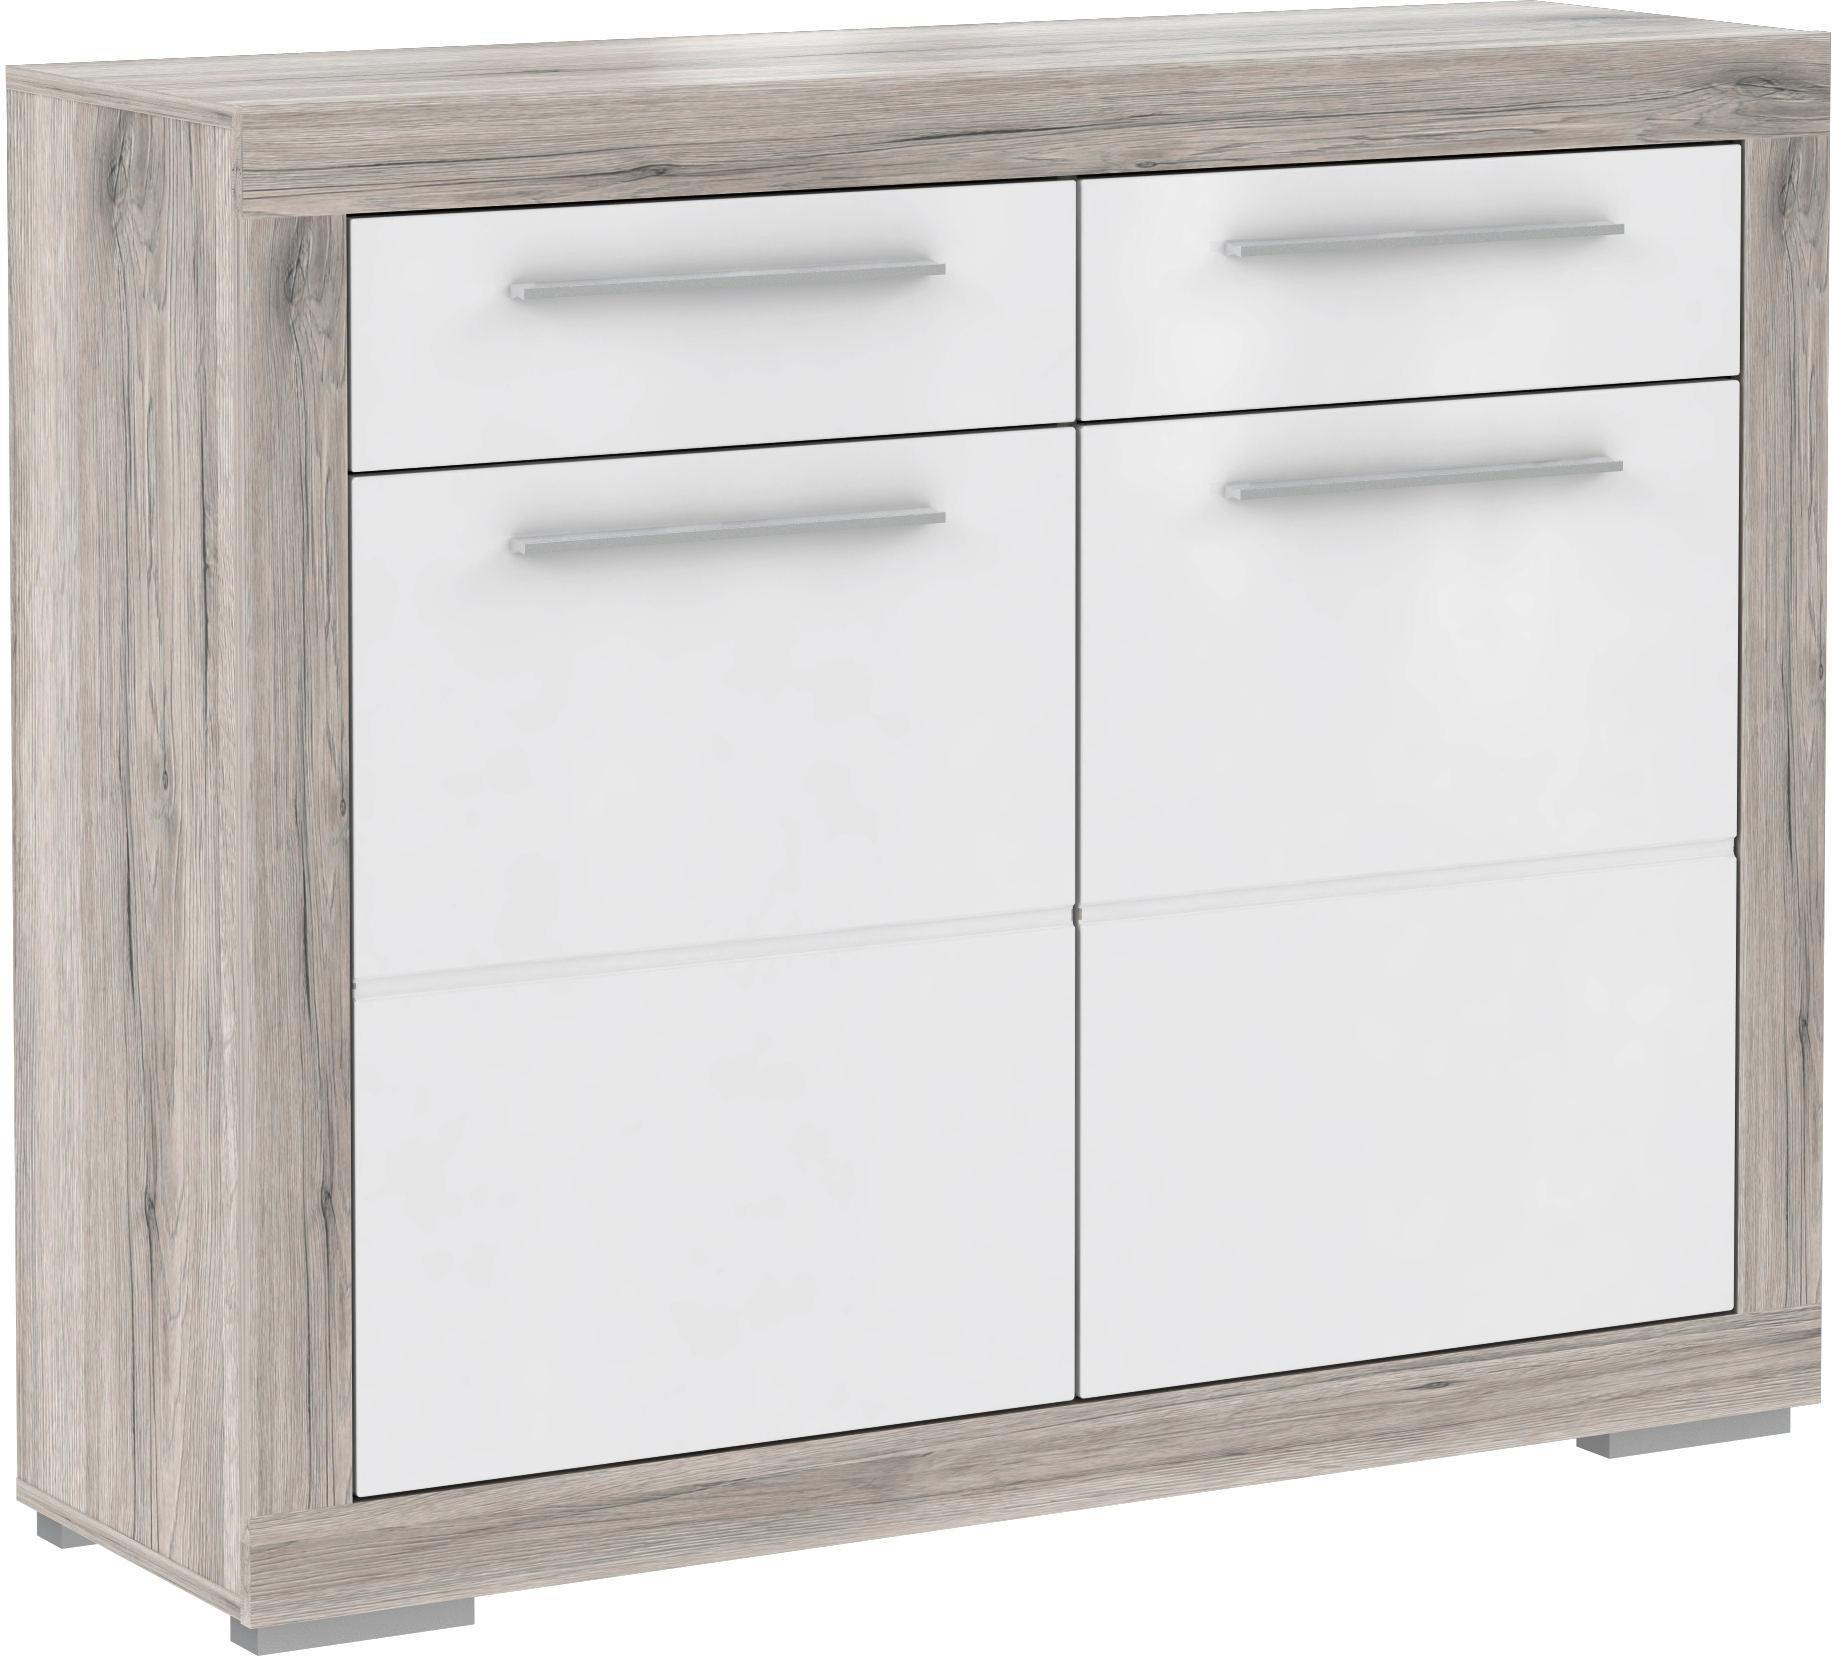 SCHUHSCHRANK Hochglanz Eichefarben, Weiß - Eichefarben/Alufarben, Basics, Holzwerkstoff/Kunststoff (118,6/96,9/36,3cm) - CARRYHOME